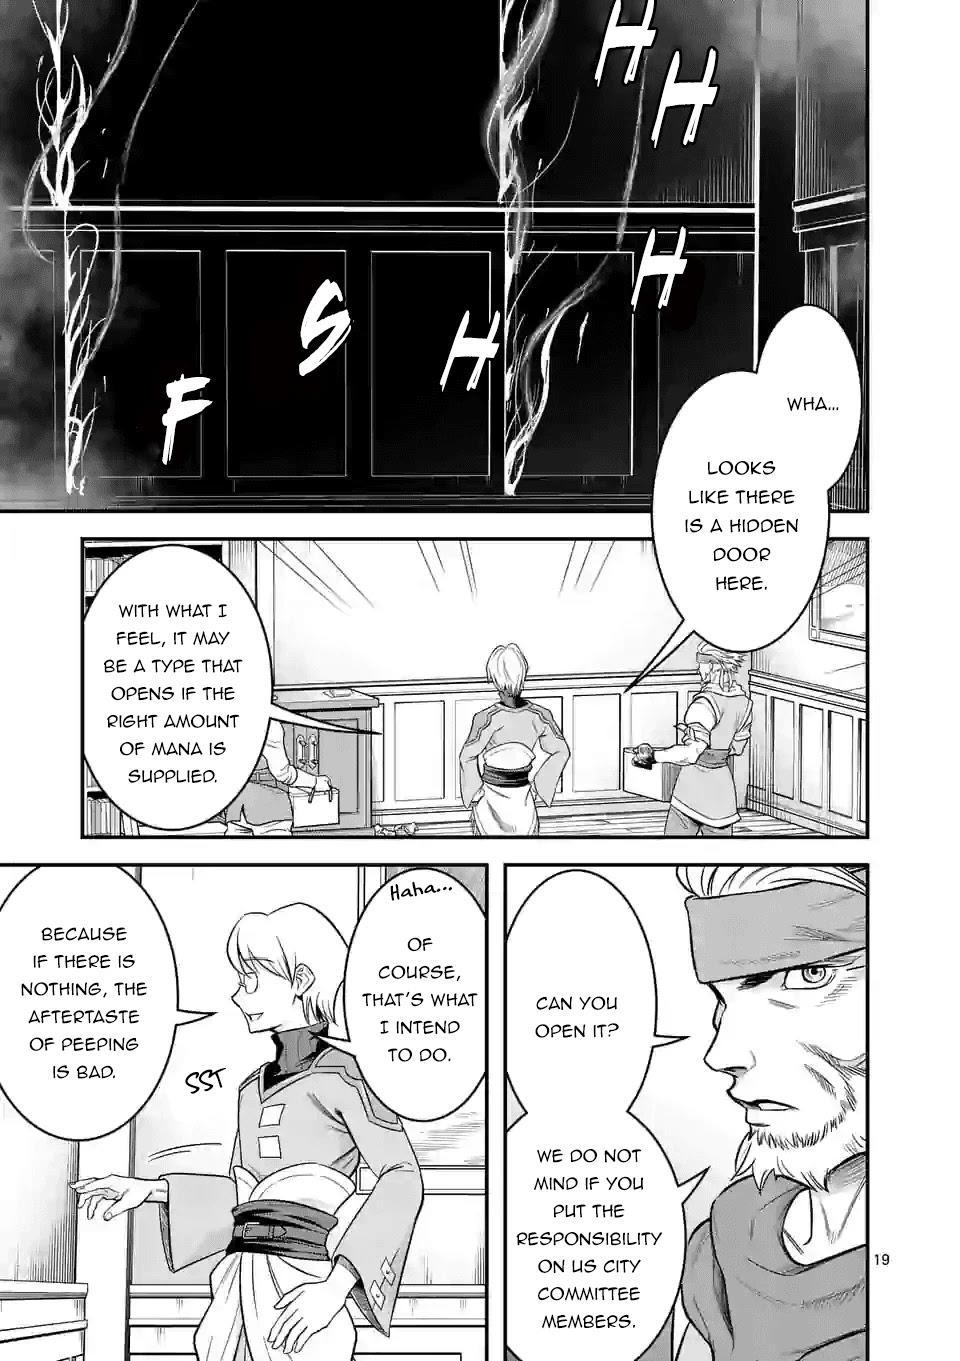 100-Nin No Eiyuu O Sodateta Saikyou Yogensha Wa, Boukensha Ni Natte Mo Sekaijuu No Deshi Kara Shitawarete Masu Chapter 27 page 20 - Mangakakalots.com